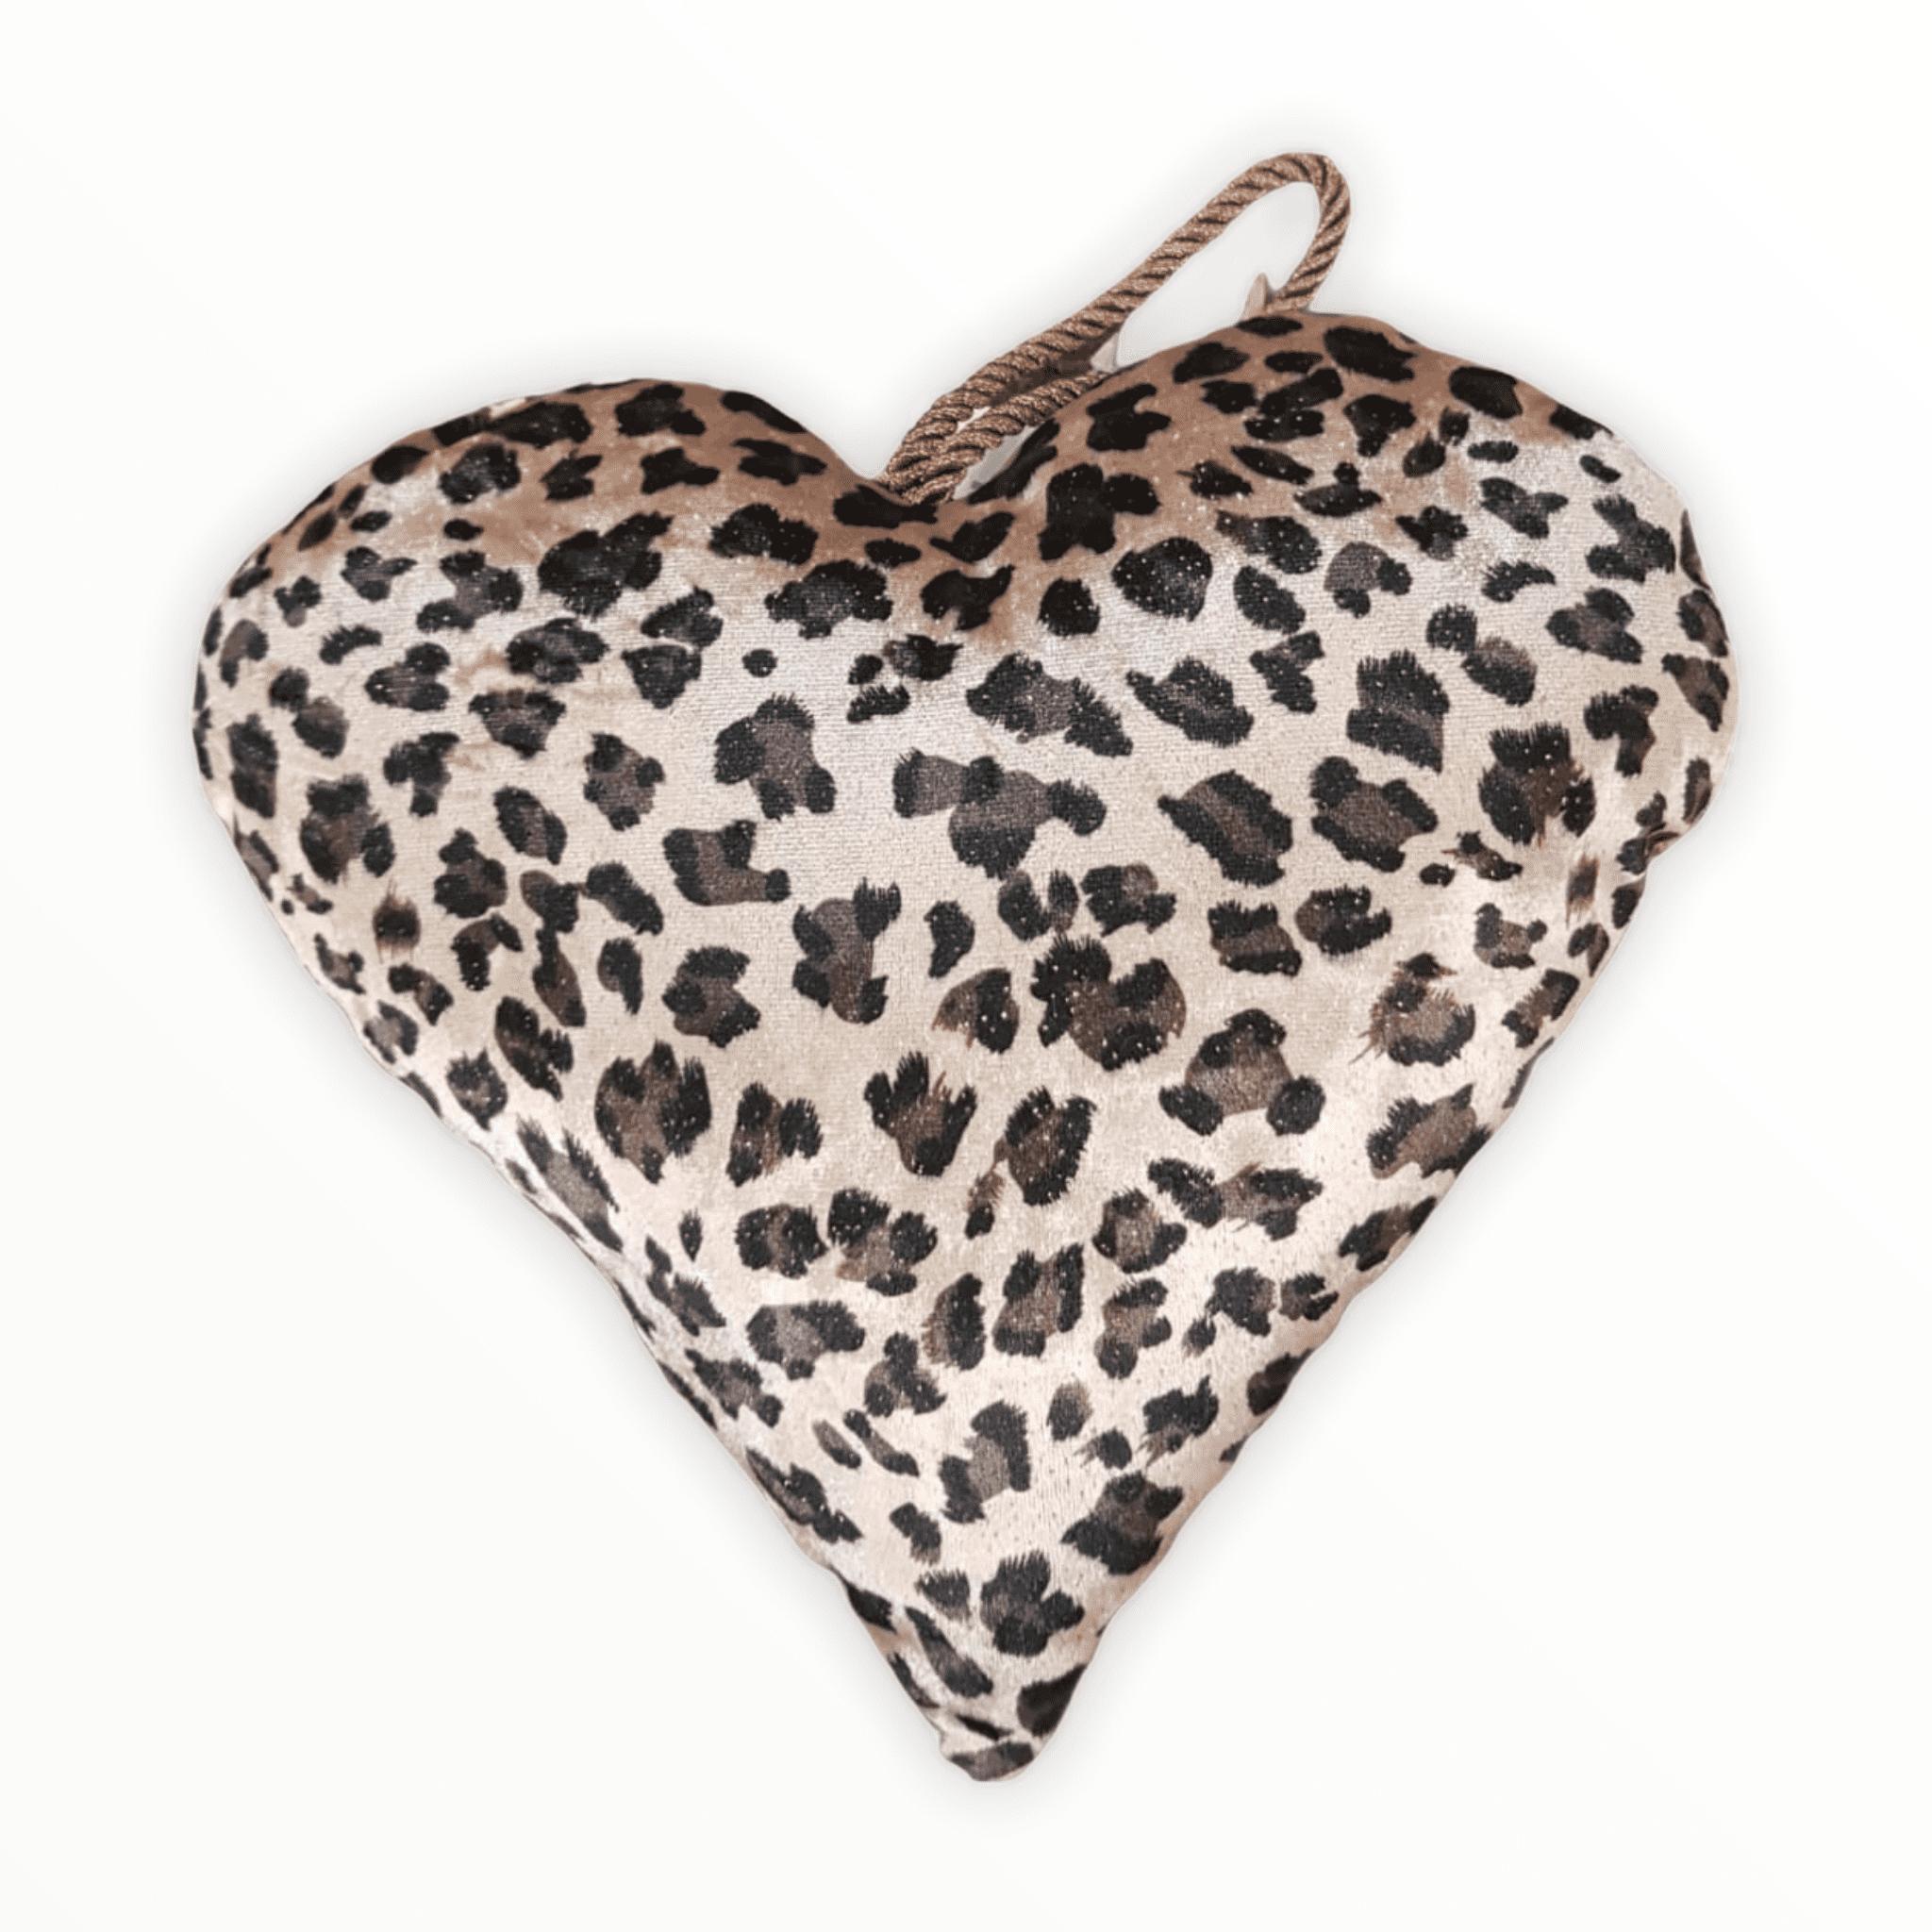 Samtherz mit Leoparden-Muster